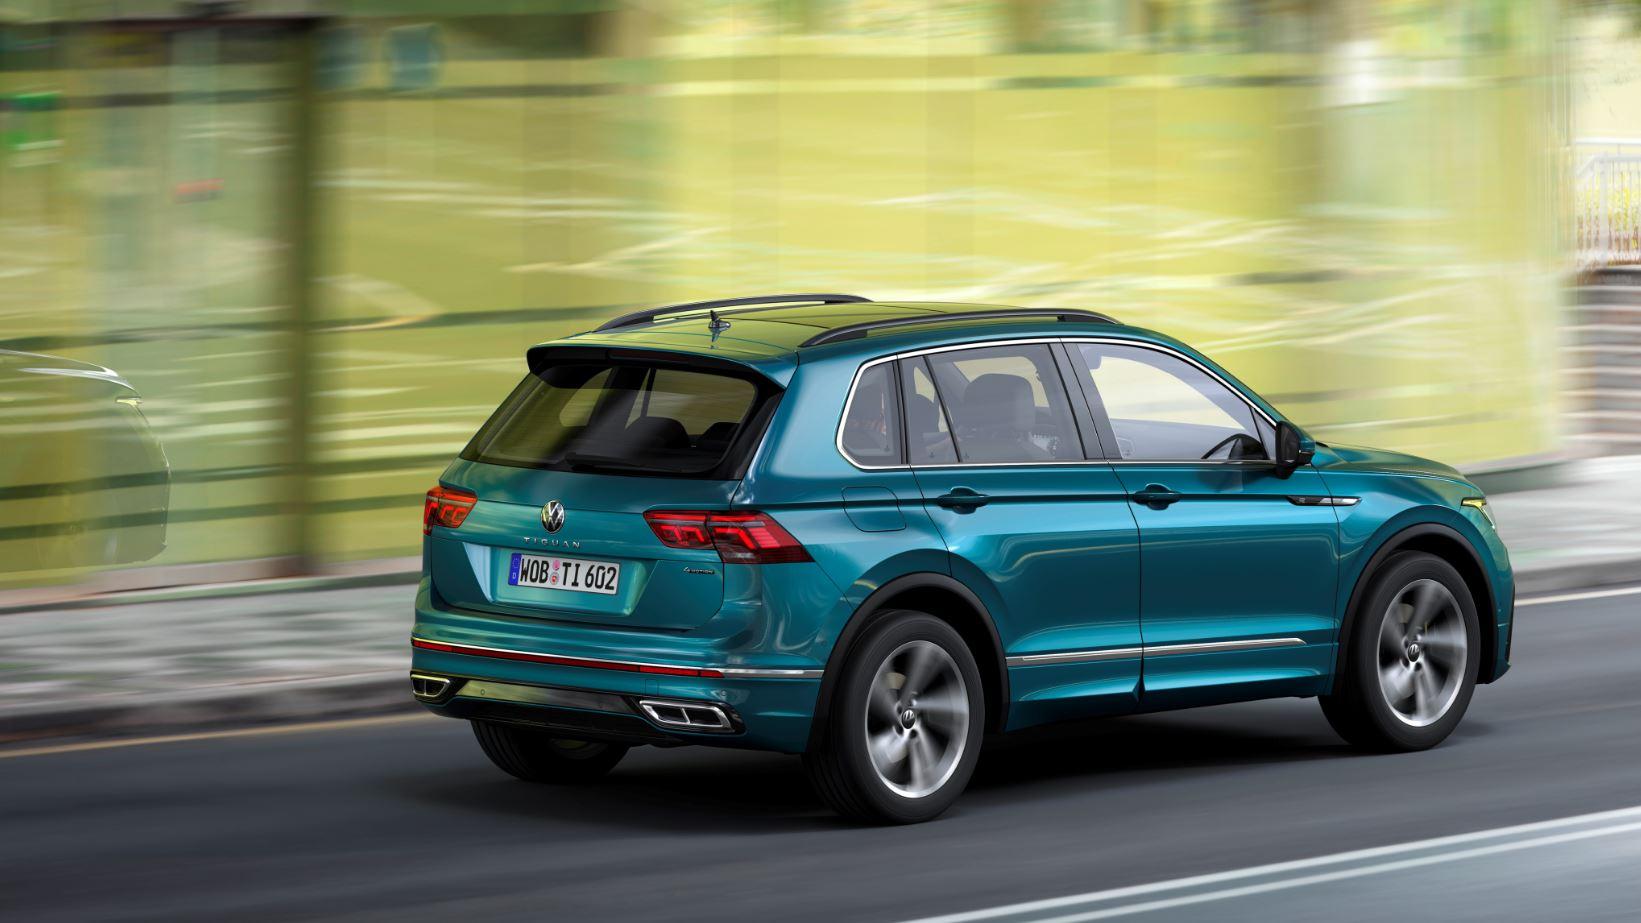 Volkswagen spustil oficiálny predaj Tiguanu a prezradil ceny